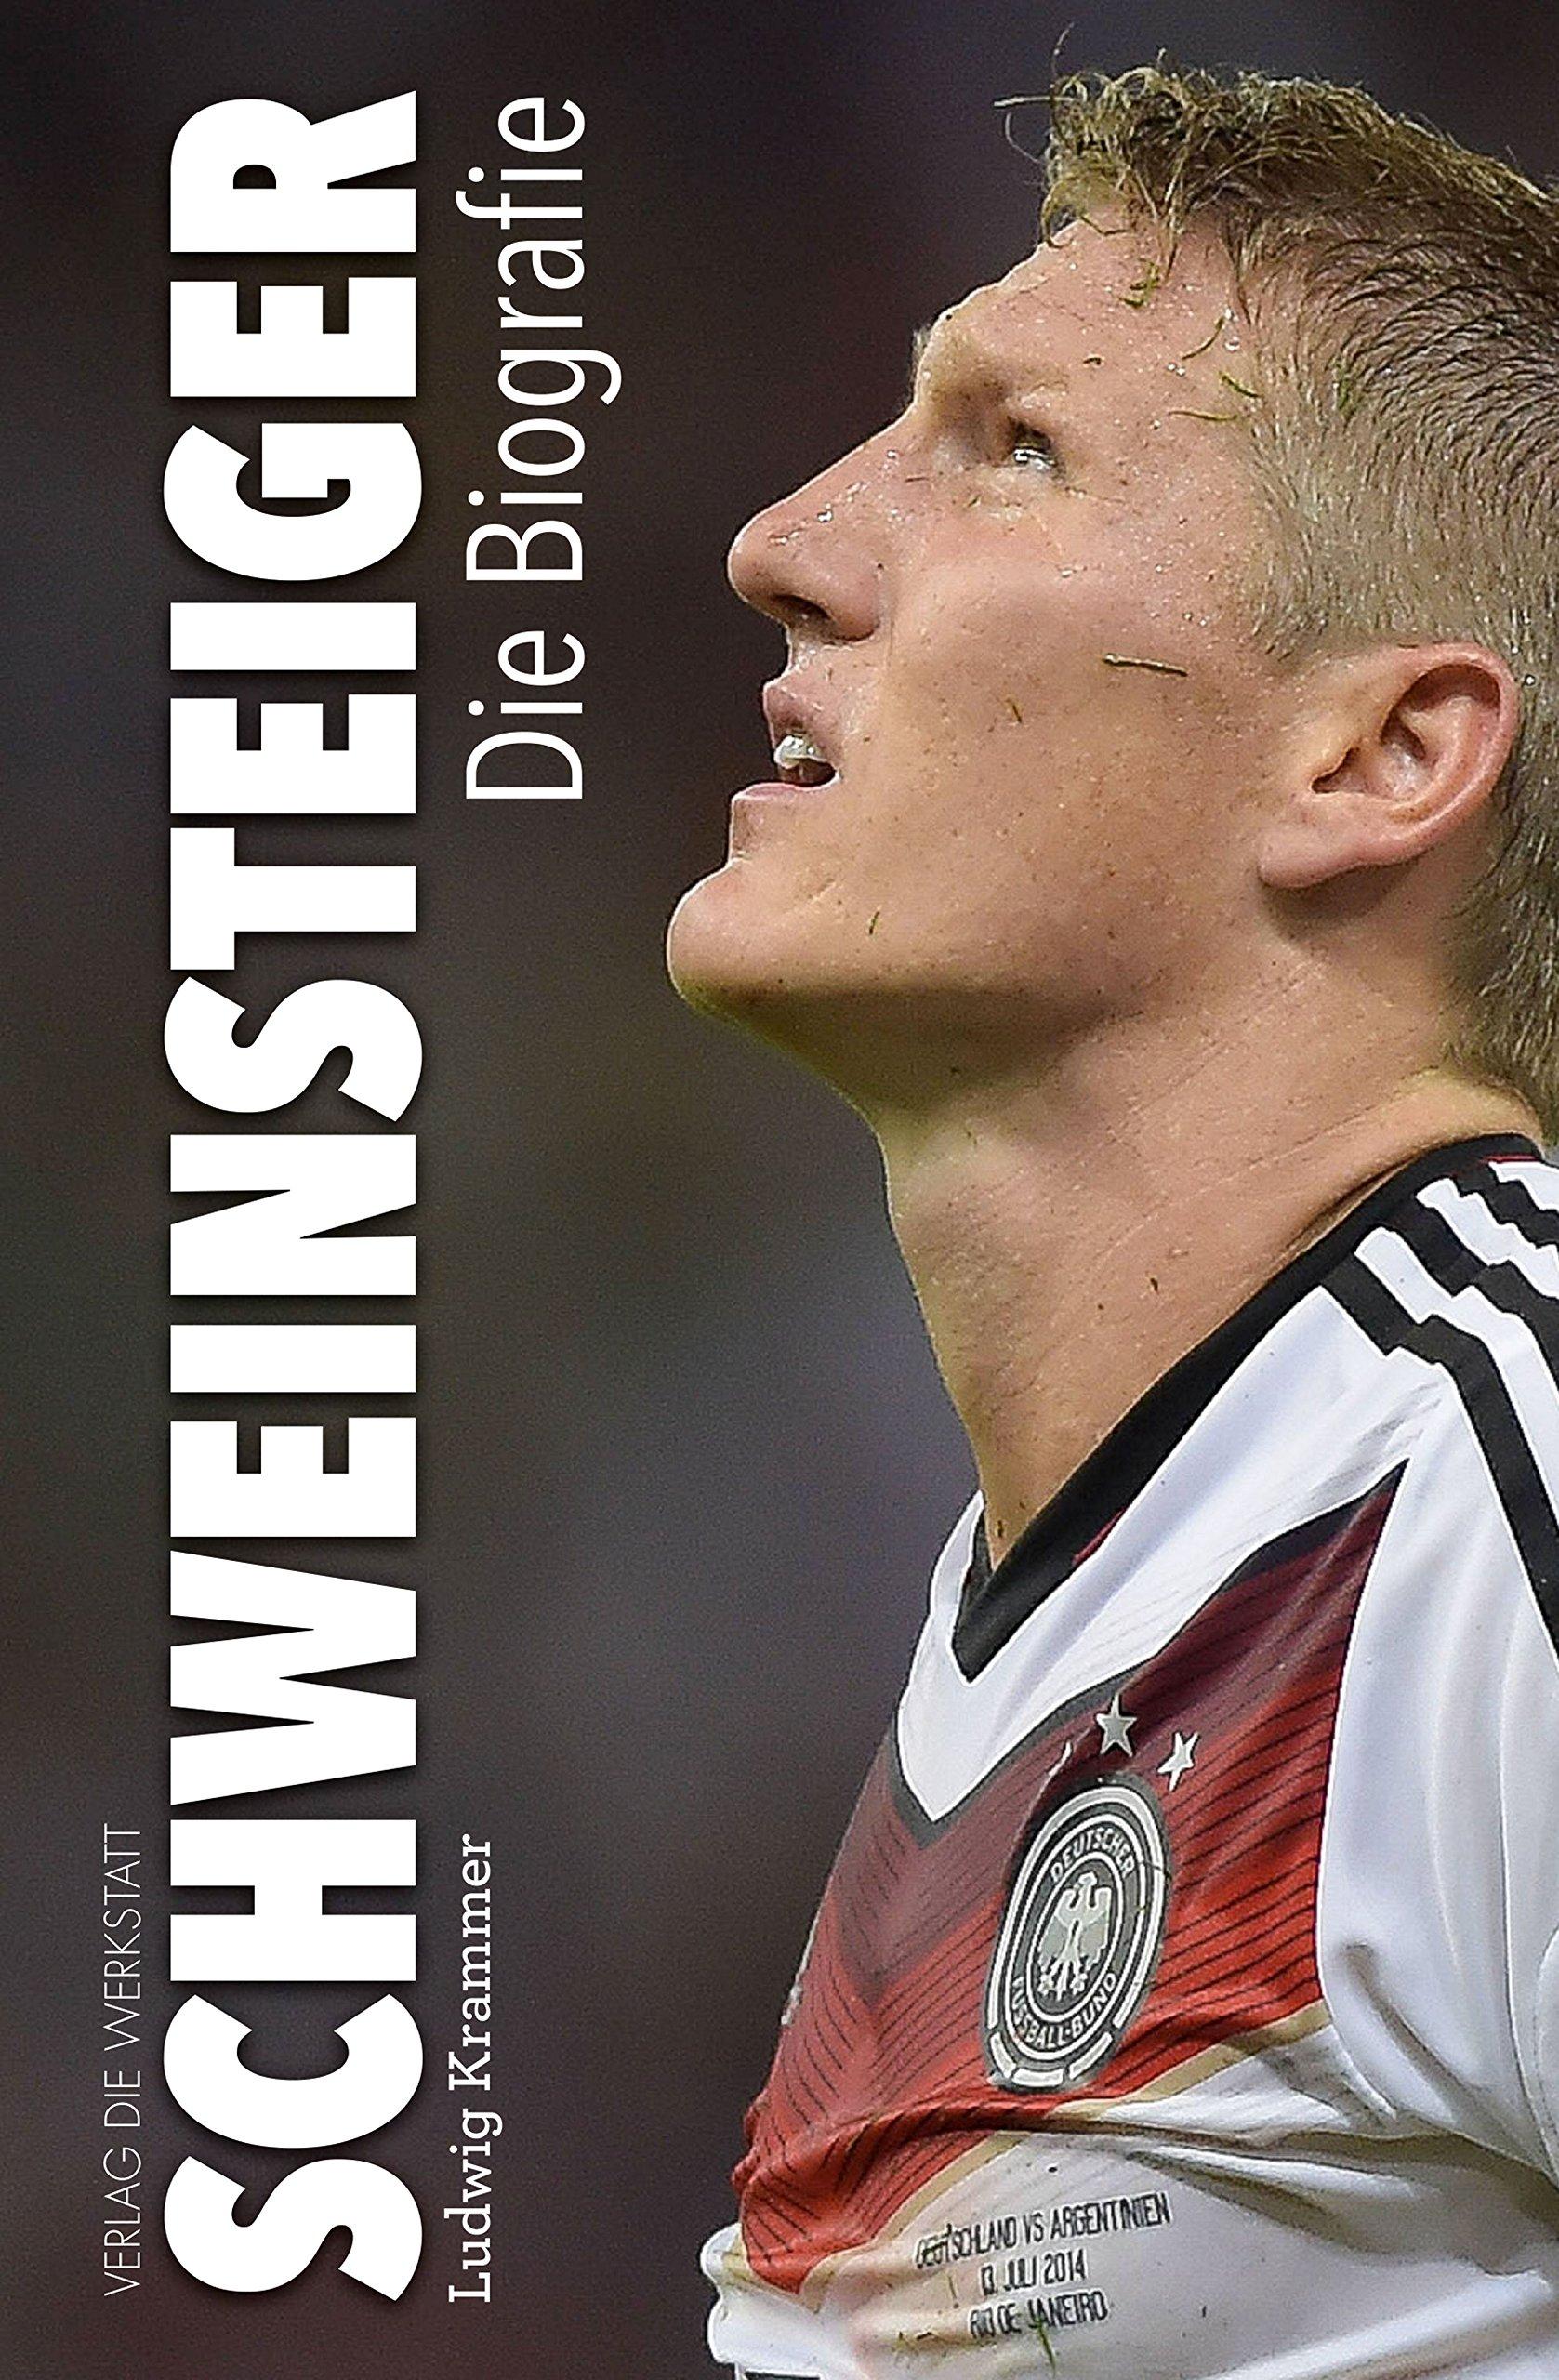 Schweinsteiger: Die Biografie Gebundenes Buch – 10. Oktober 2018 Ludwig Krammer Die Werkstatt 3730704060 Ballsport